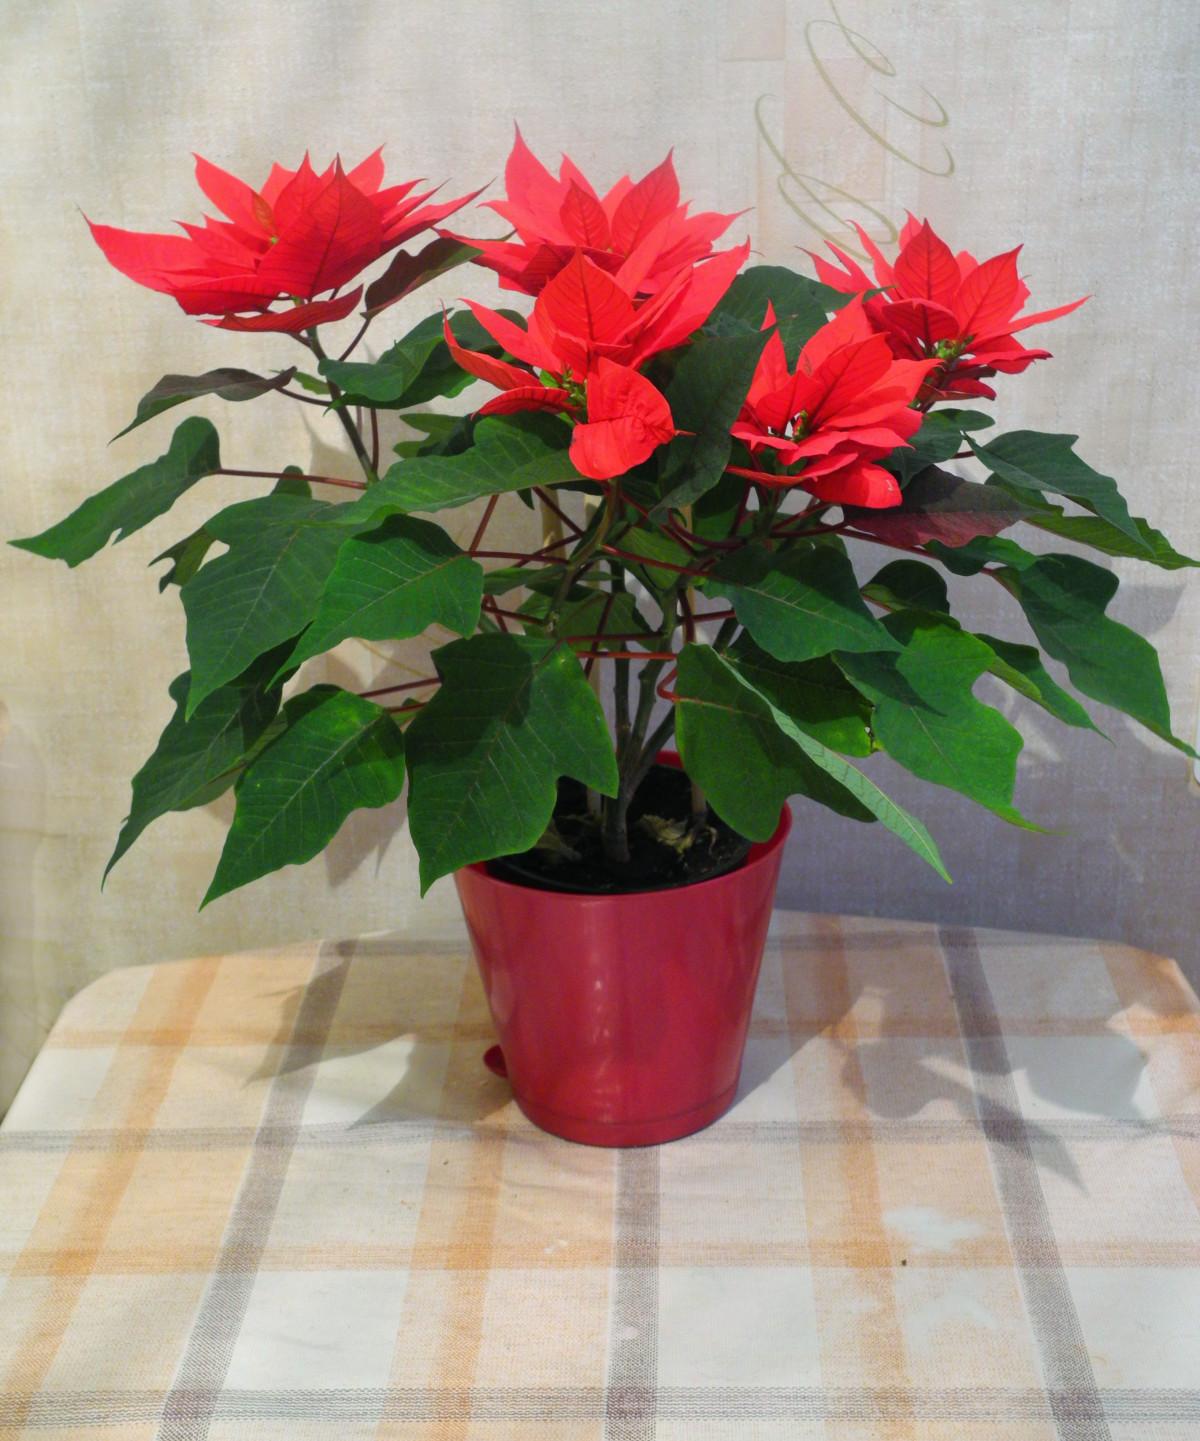 Gambar : menanam, daun bunga, berkembang, merah, bunga ...